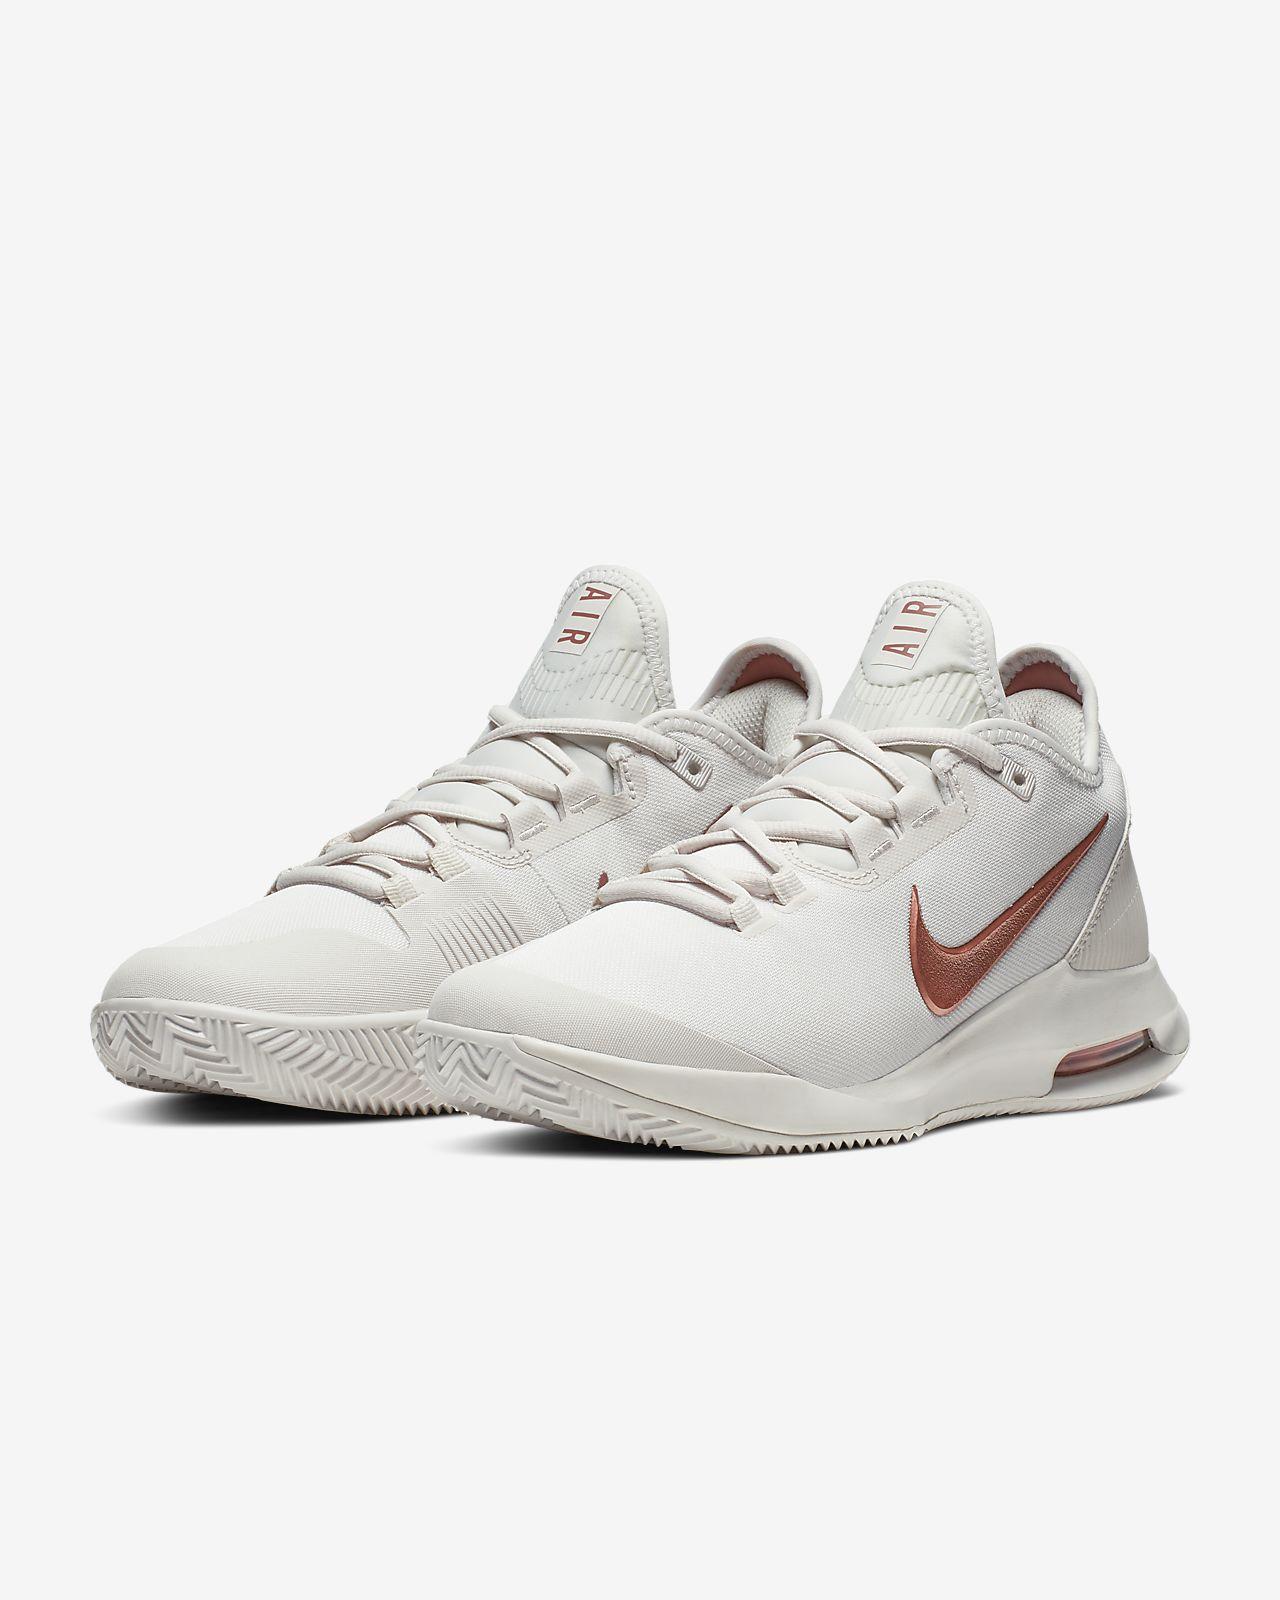 fc78b424f2c NikeCourt Air Max Wildcard Women's Clay Tennis Shoe. Nike.com AU